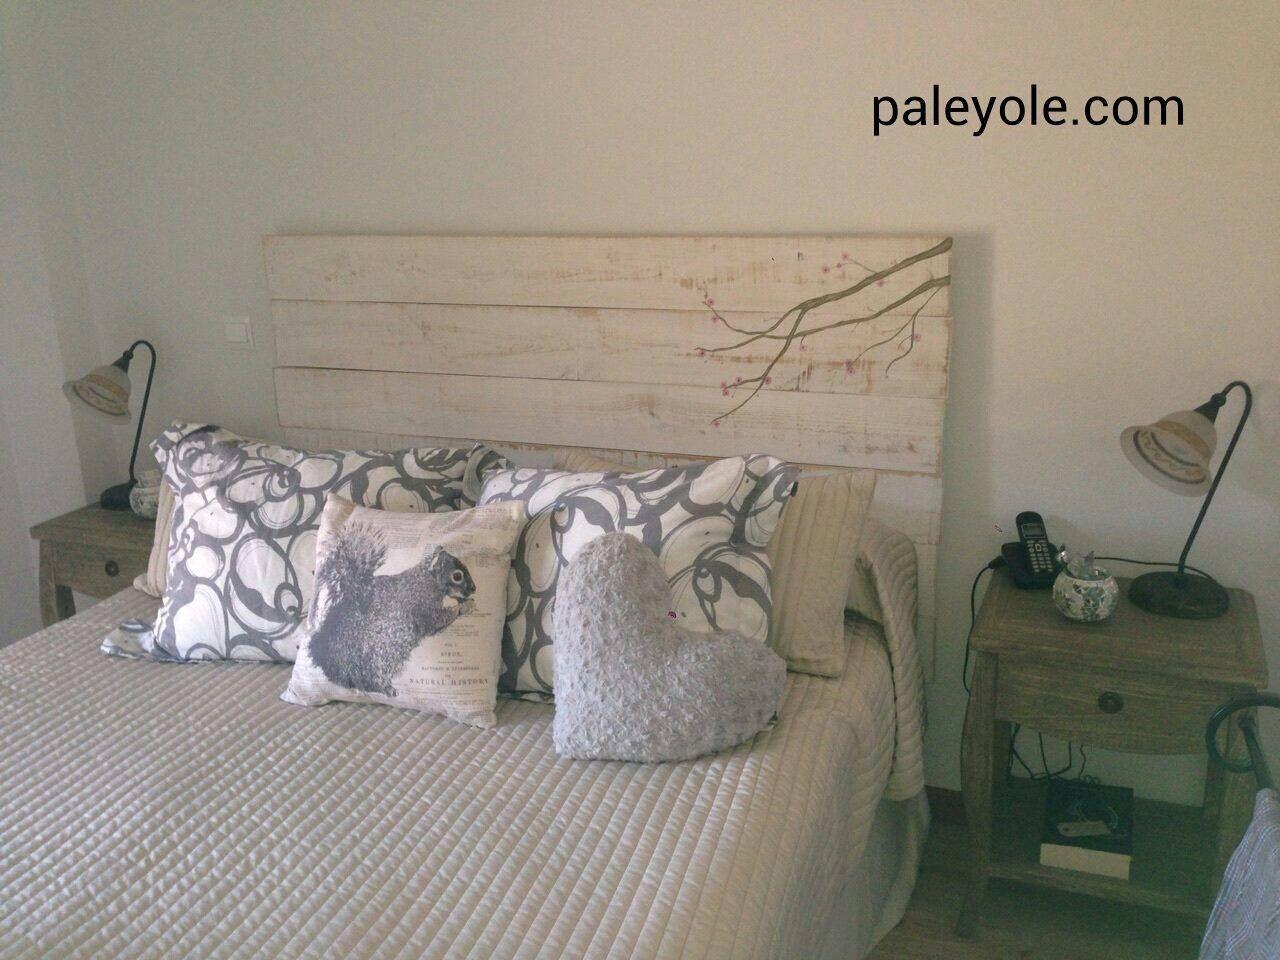 cabeceros de cama hechos con madera de palet pal